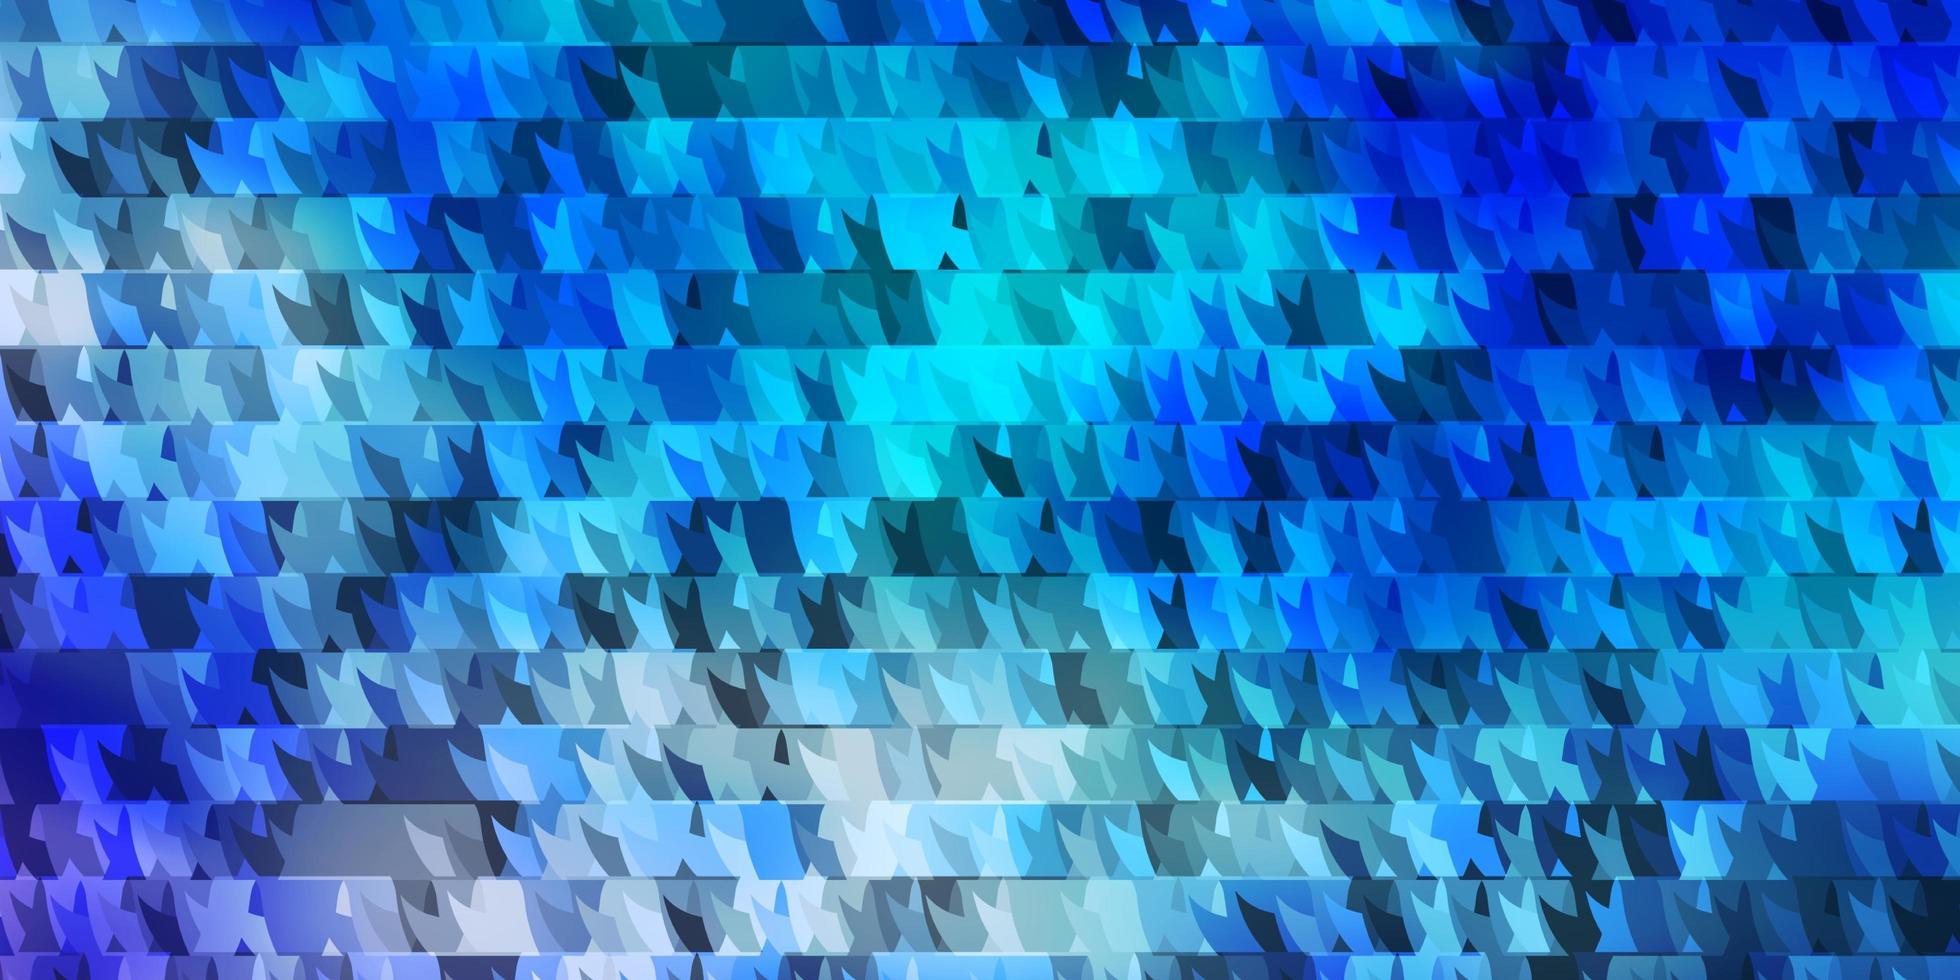 modelo de vetor azul claro e verde com linhas, triângulos.